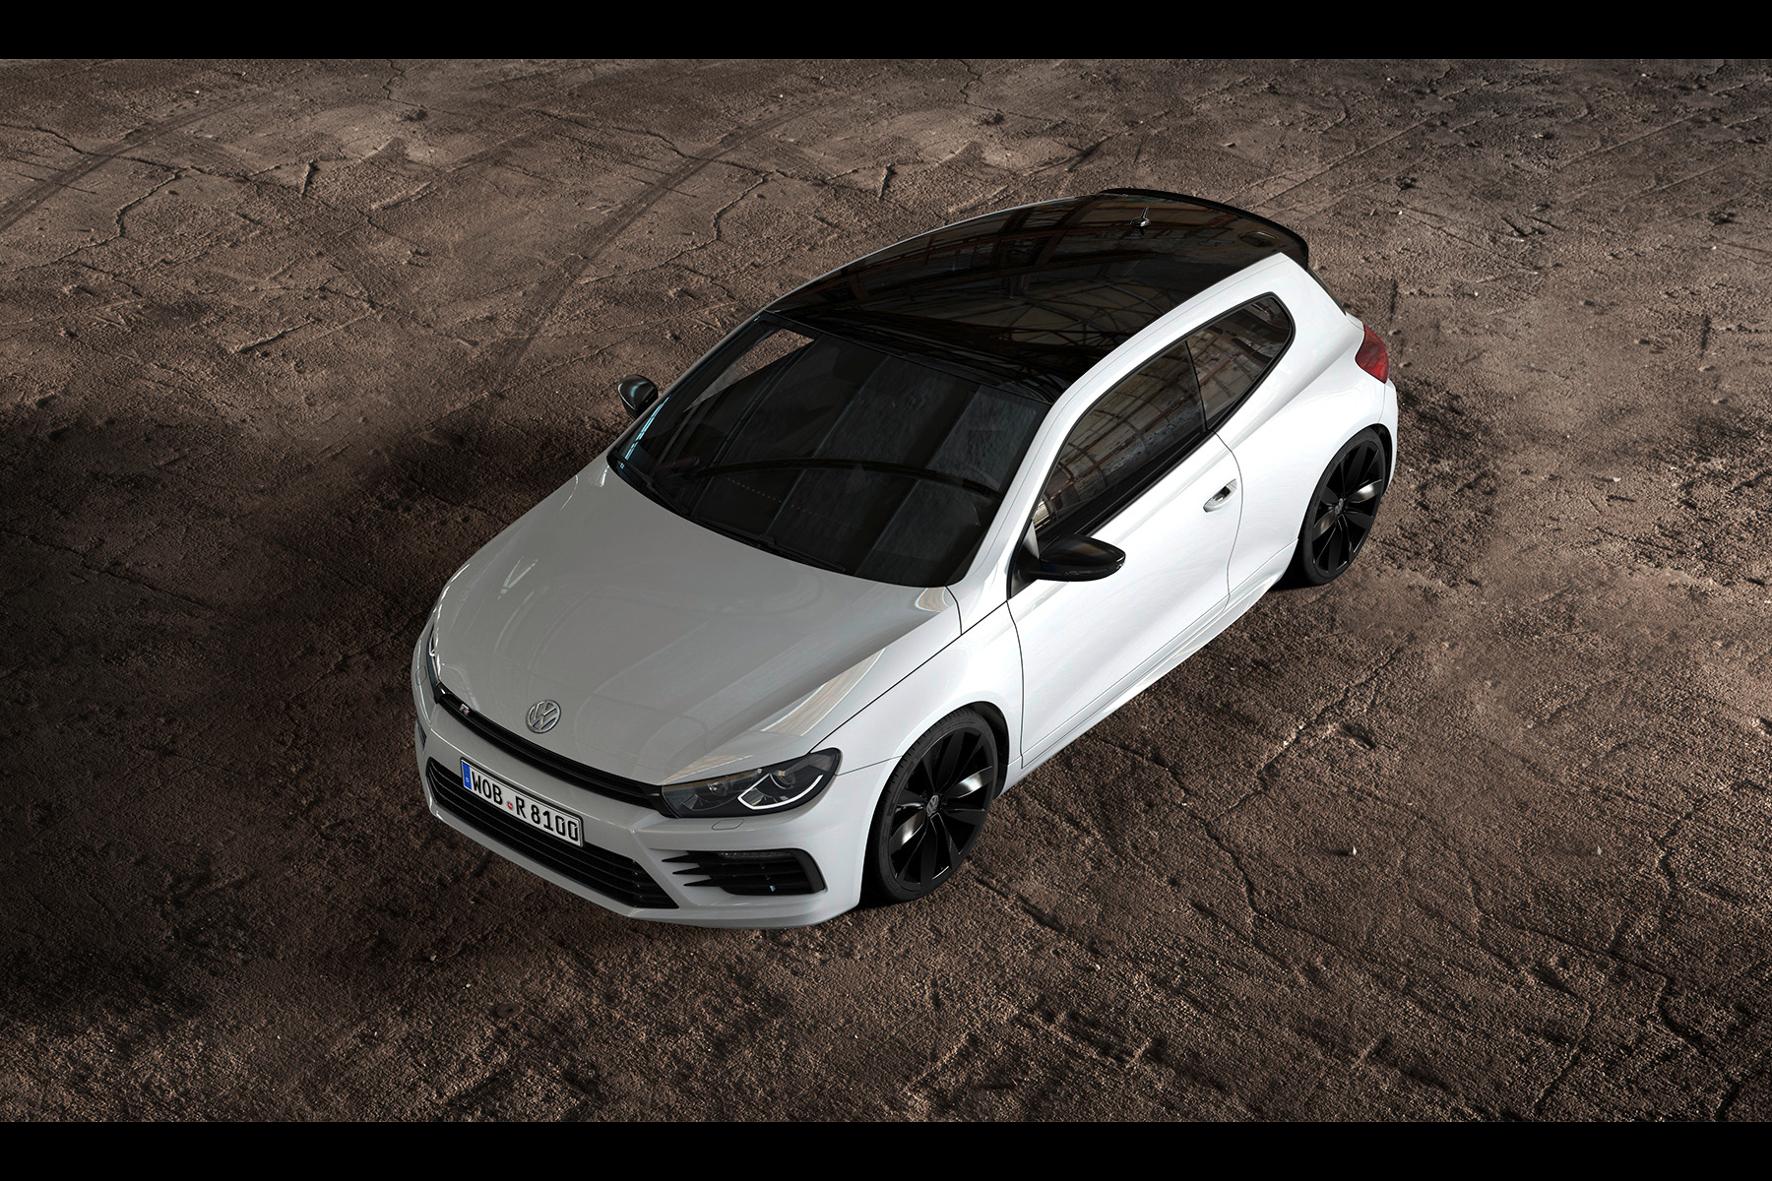 """mid Groß-Gerau - VW bietet für den Scirocco R jetzt das Design-Paket """"Black Style"""" an. Auffälligstes Merkmal ist das glänzend schwarz lackierte Dach."""